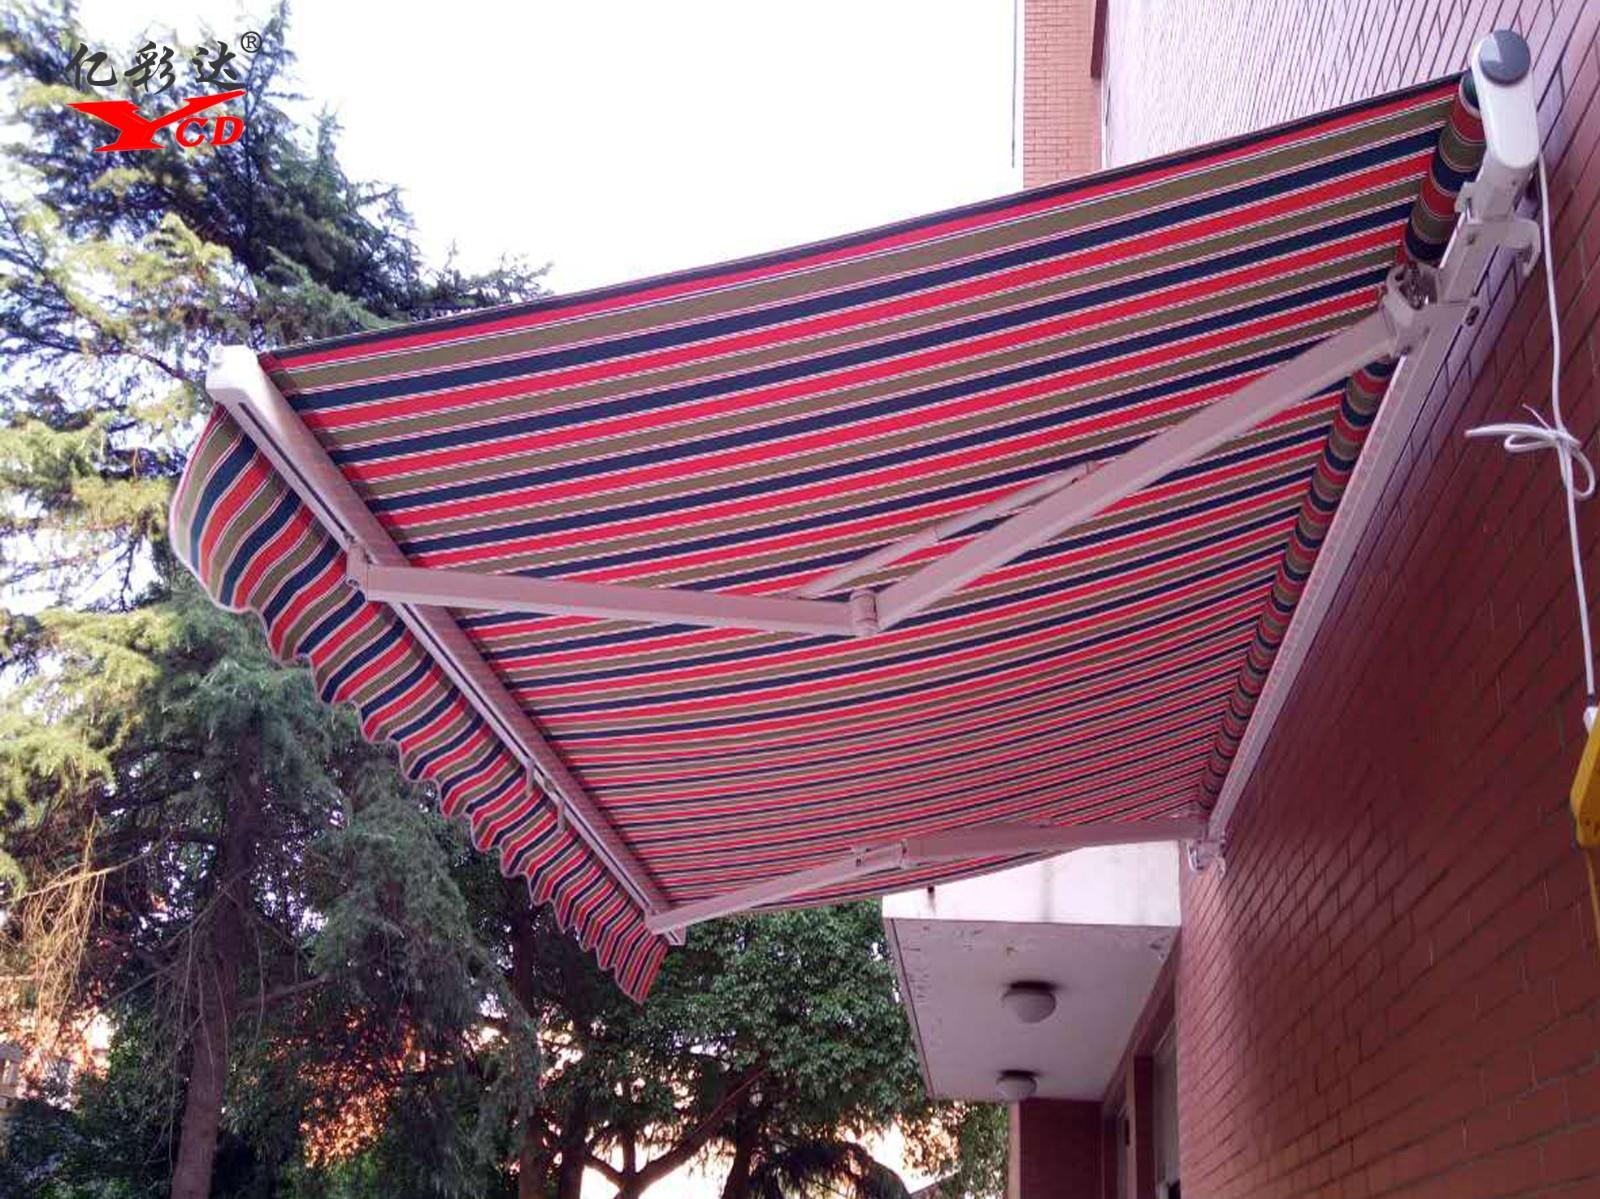 经济型遮阳篷|曲臂伸缩遮阳篷-山东亿彩达遮阳节能科技有限公司